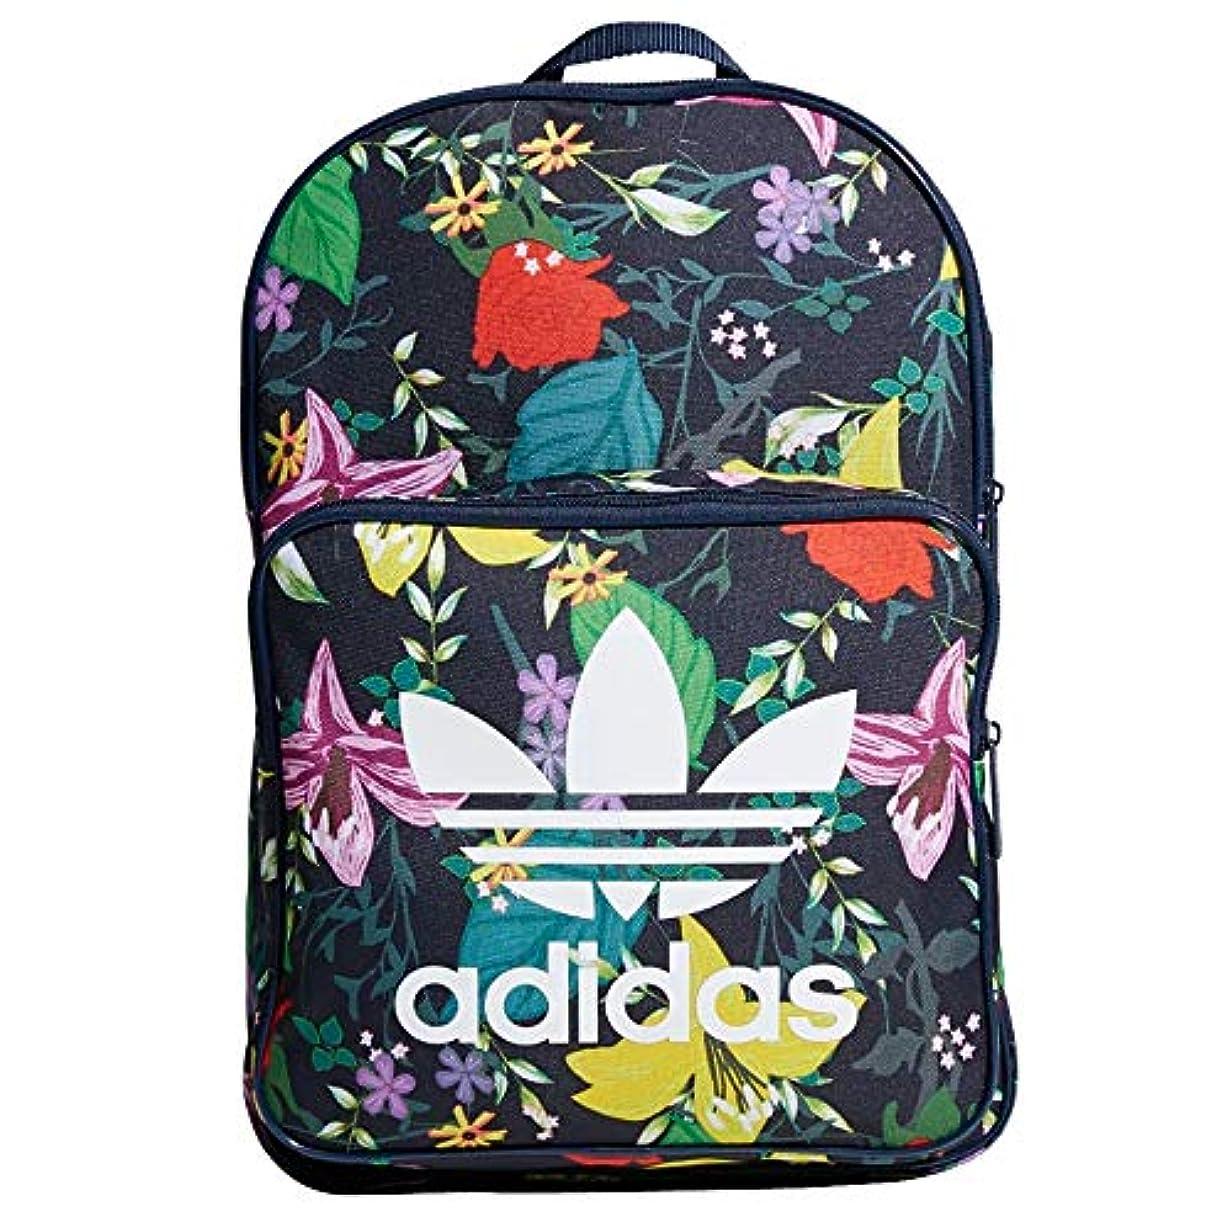 電球突撃あなたは[アディダス]Adidas Originals バックパック BACKPACK CLASSIC TREFOIL BAG ロゴ リュックサック デイパック リュック バッグ マルチカラー フラワー 花柄 メンズ レディース...